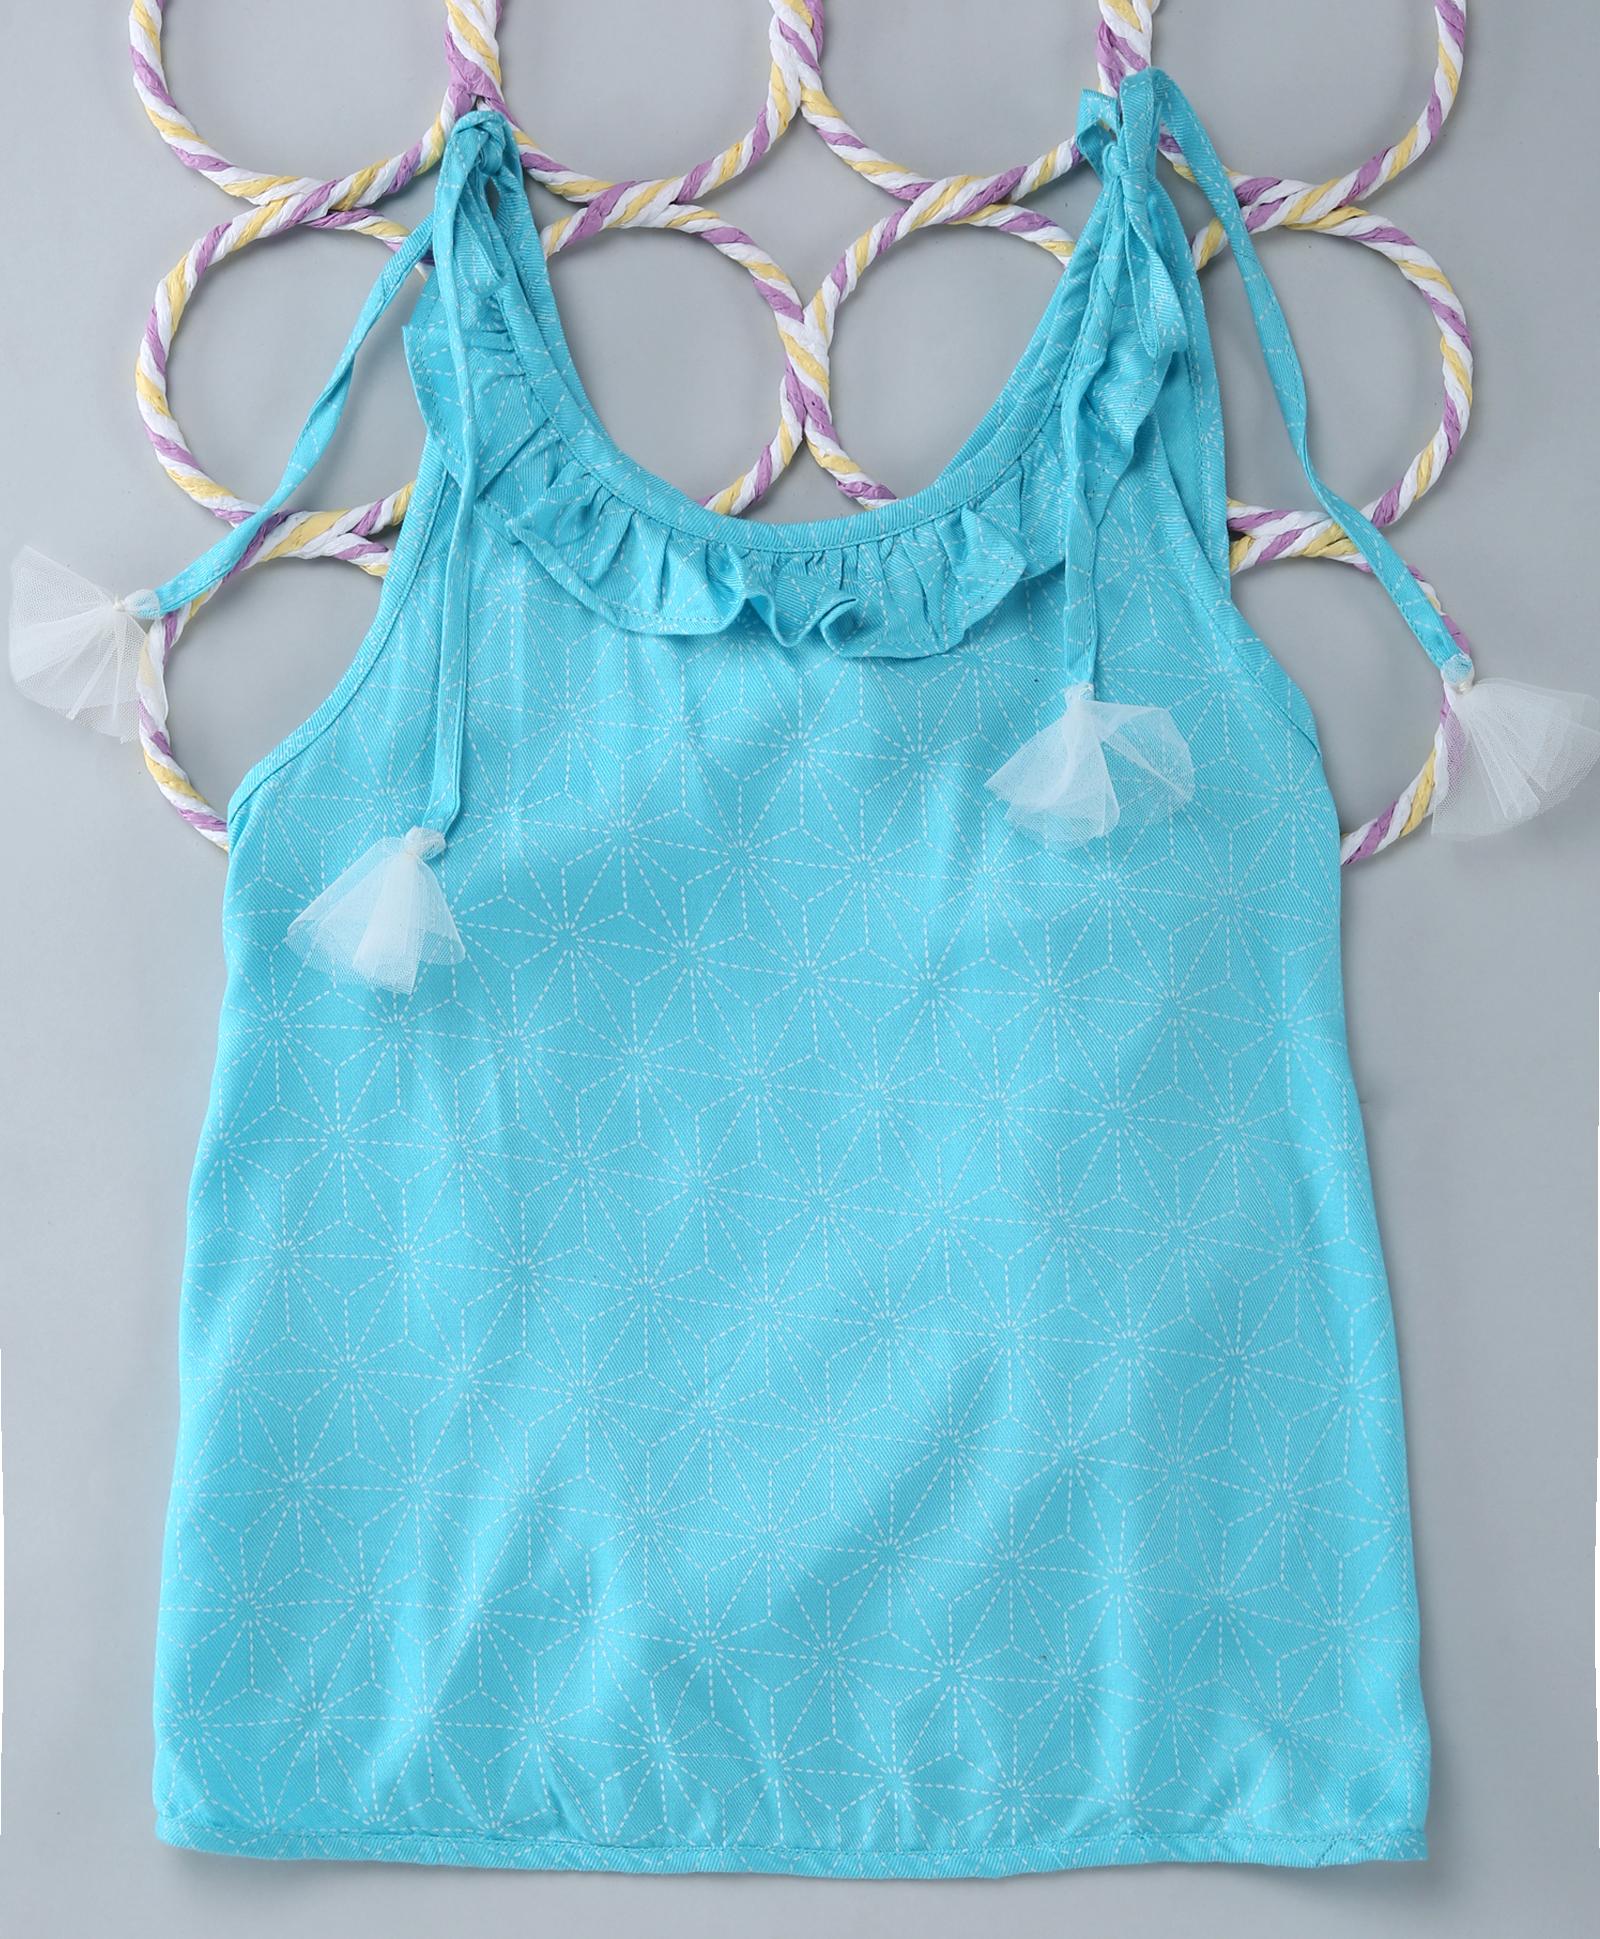 Popsicles Clothing | Popsicles Arctic Snow Skirt Set White  Blue Regular Fit Dress For Girls